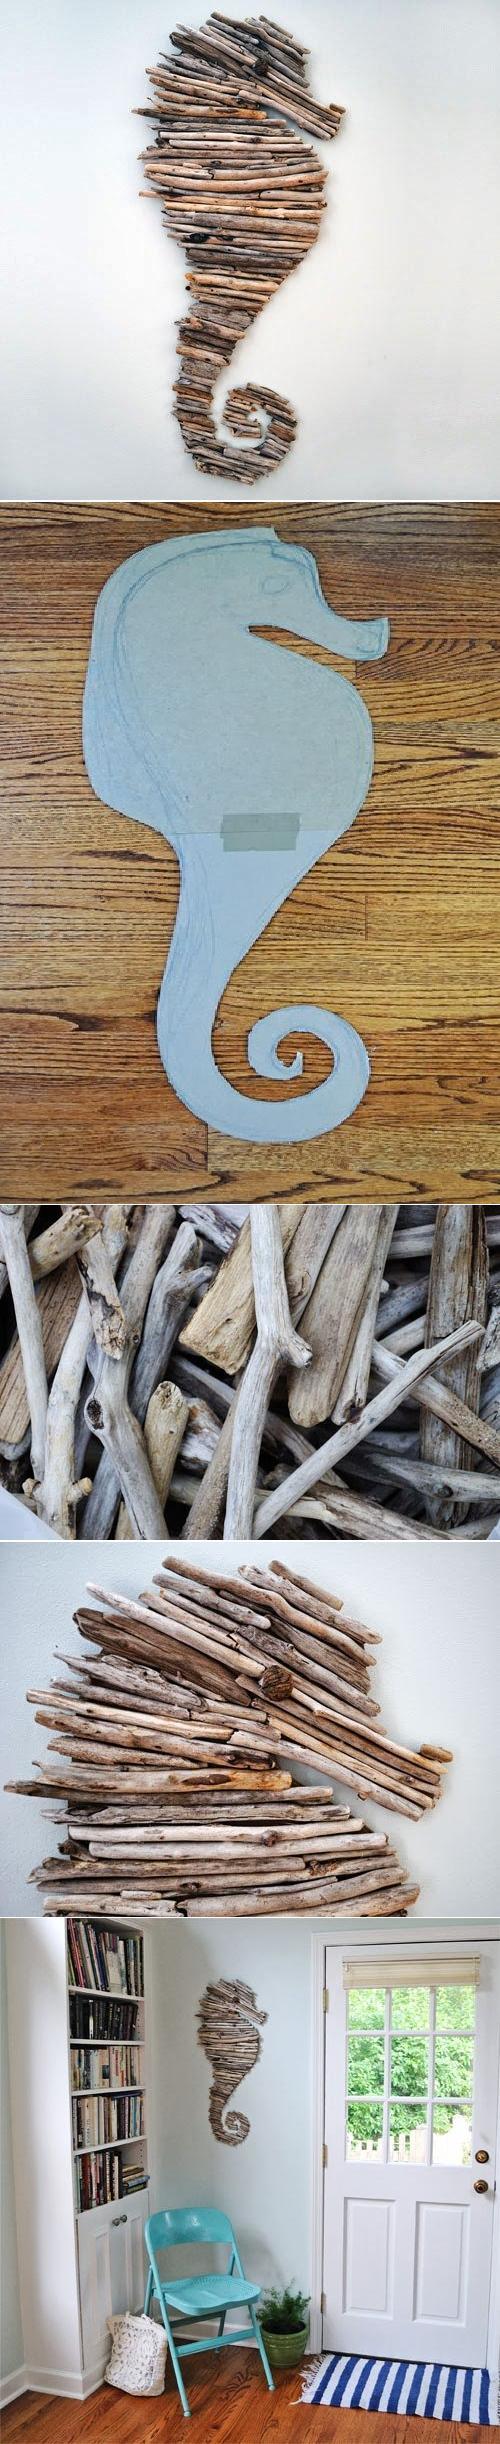 DIY Tree Branch Seahorse DIY Projects | UsefulDIY.com